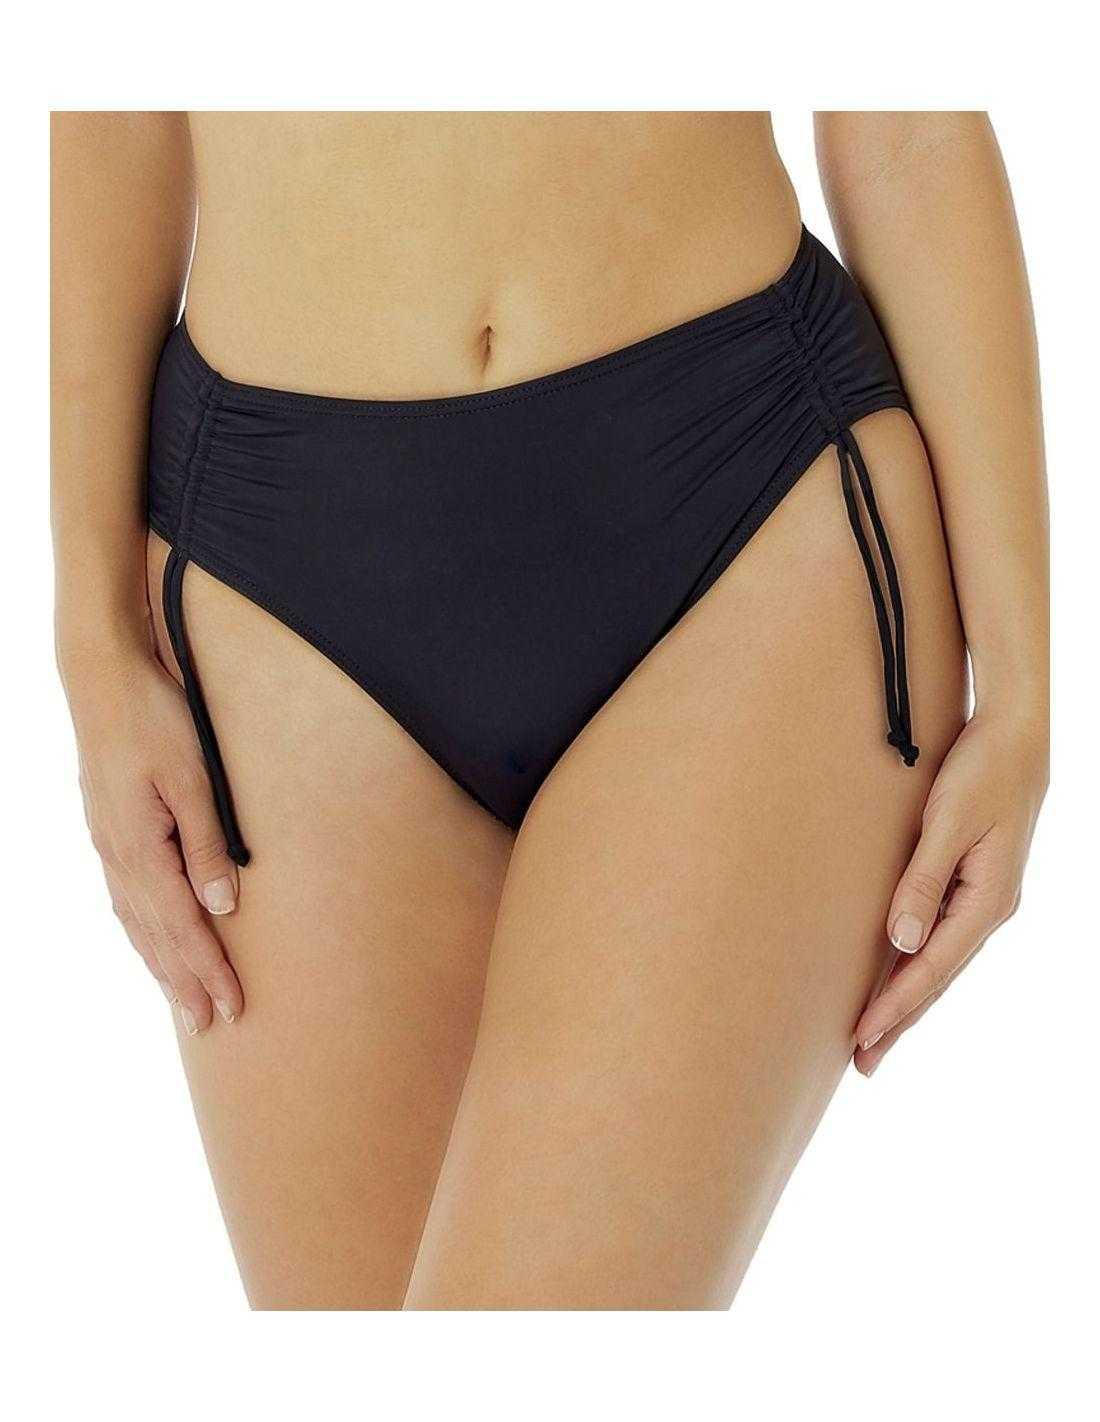 Braga Bikini Red Point colección Kali   -   - PEPI GUERRA